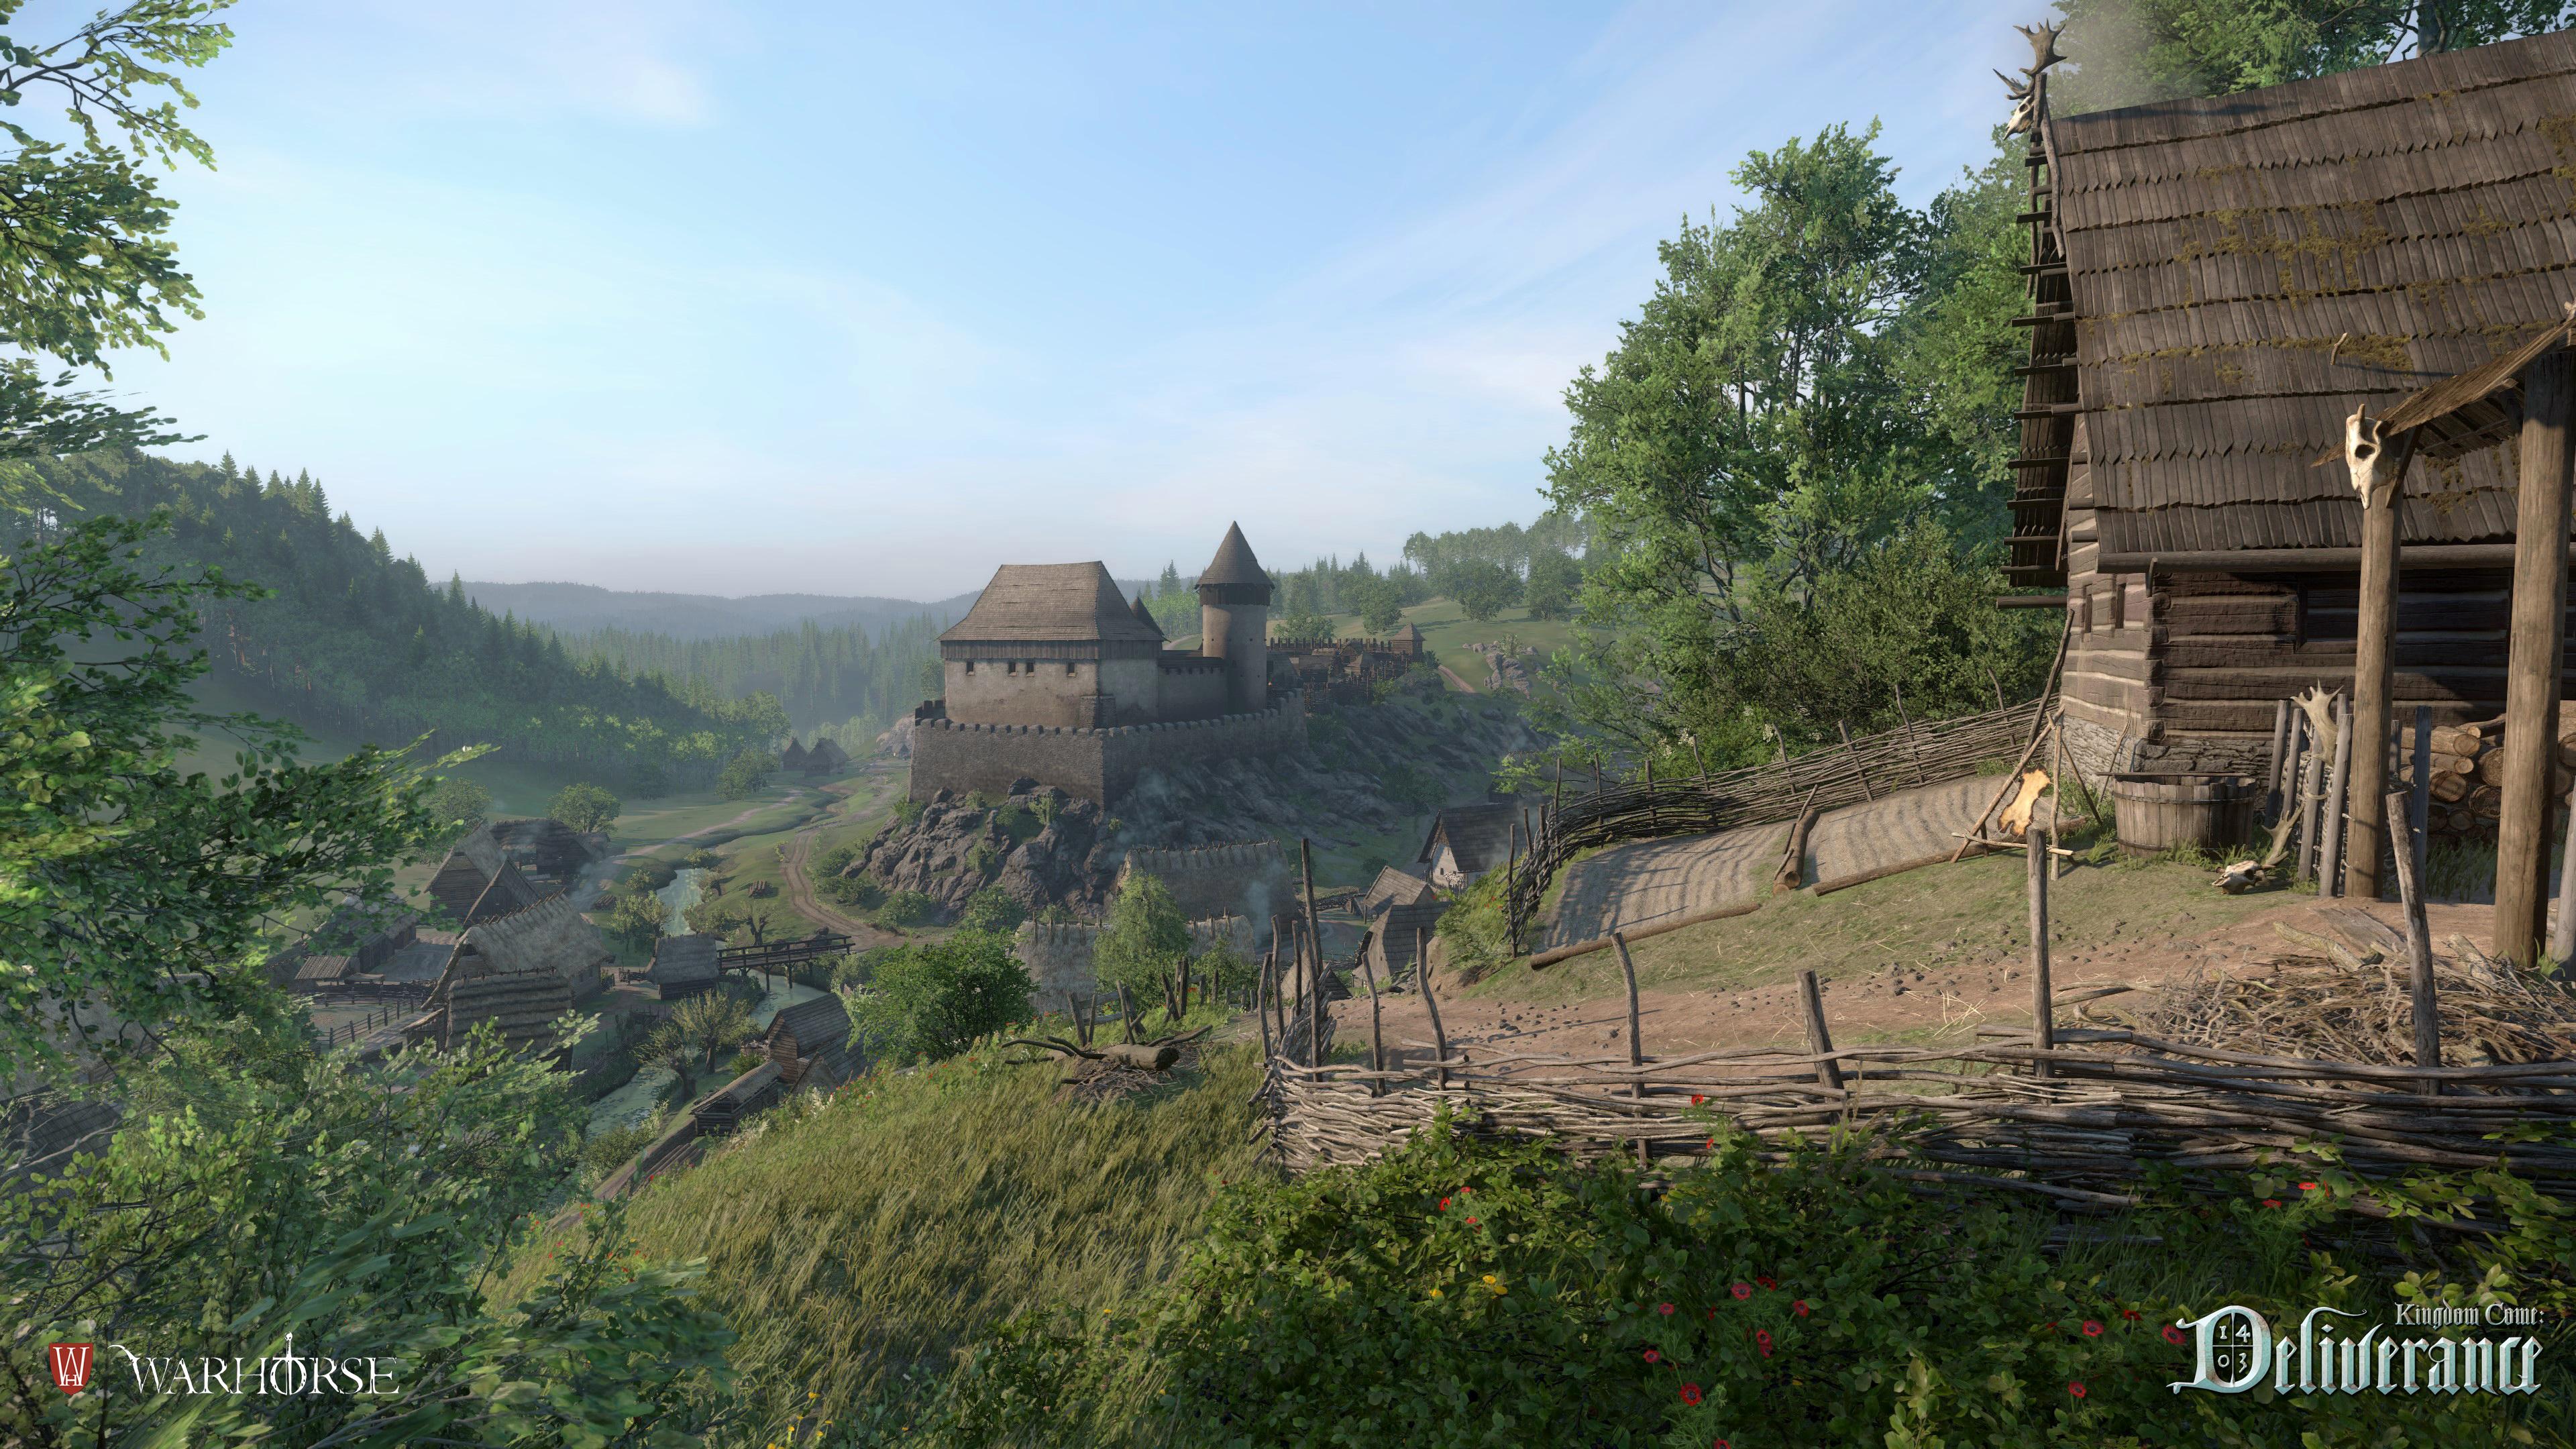 Obrazem: Les, lom a vesnice z Kingdom Come: Deliverance 108651